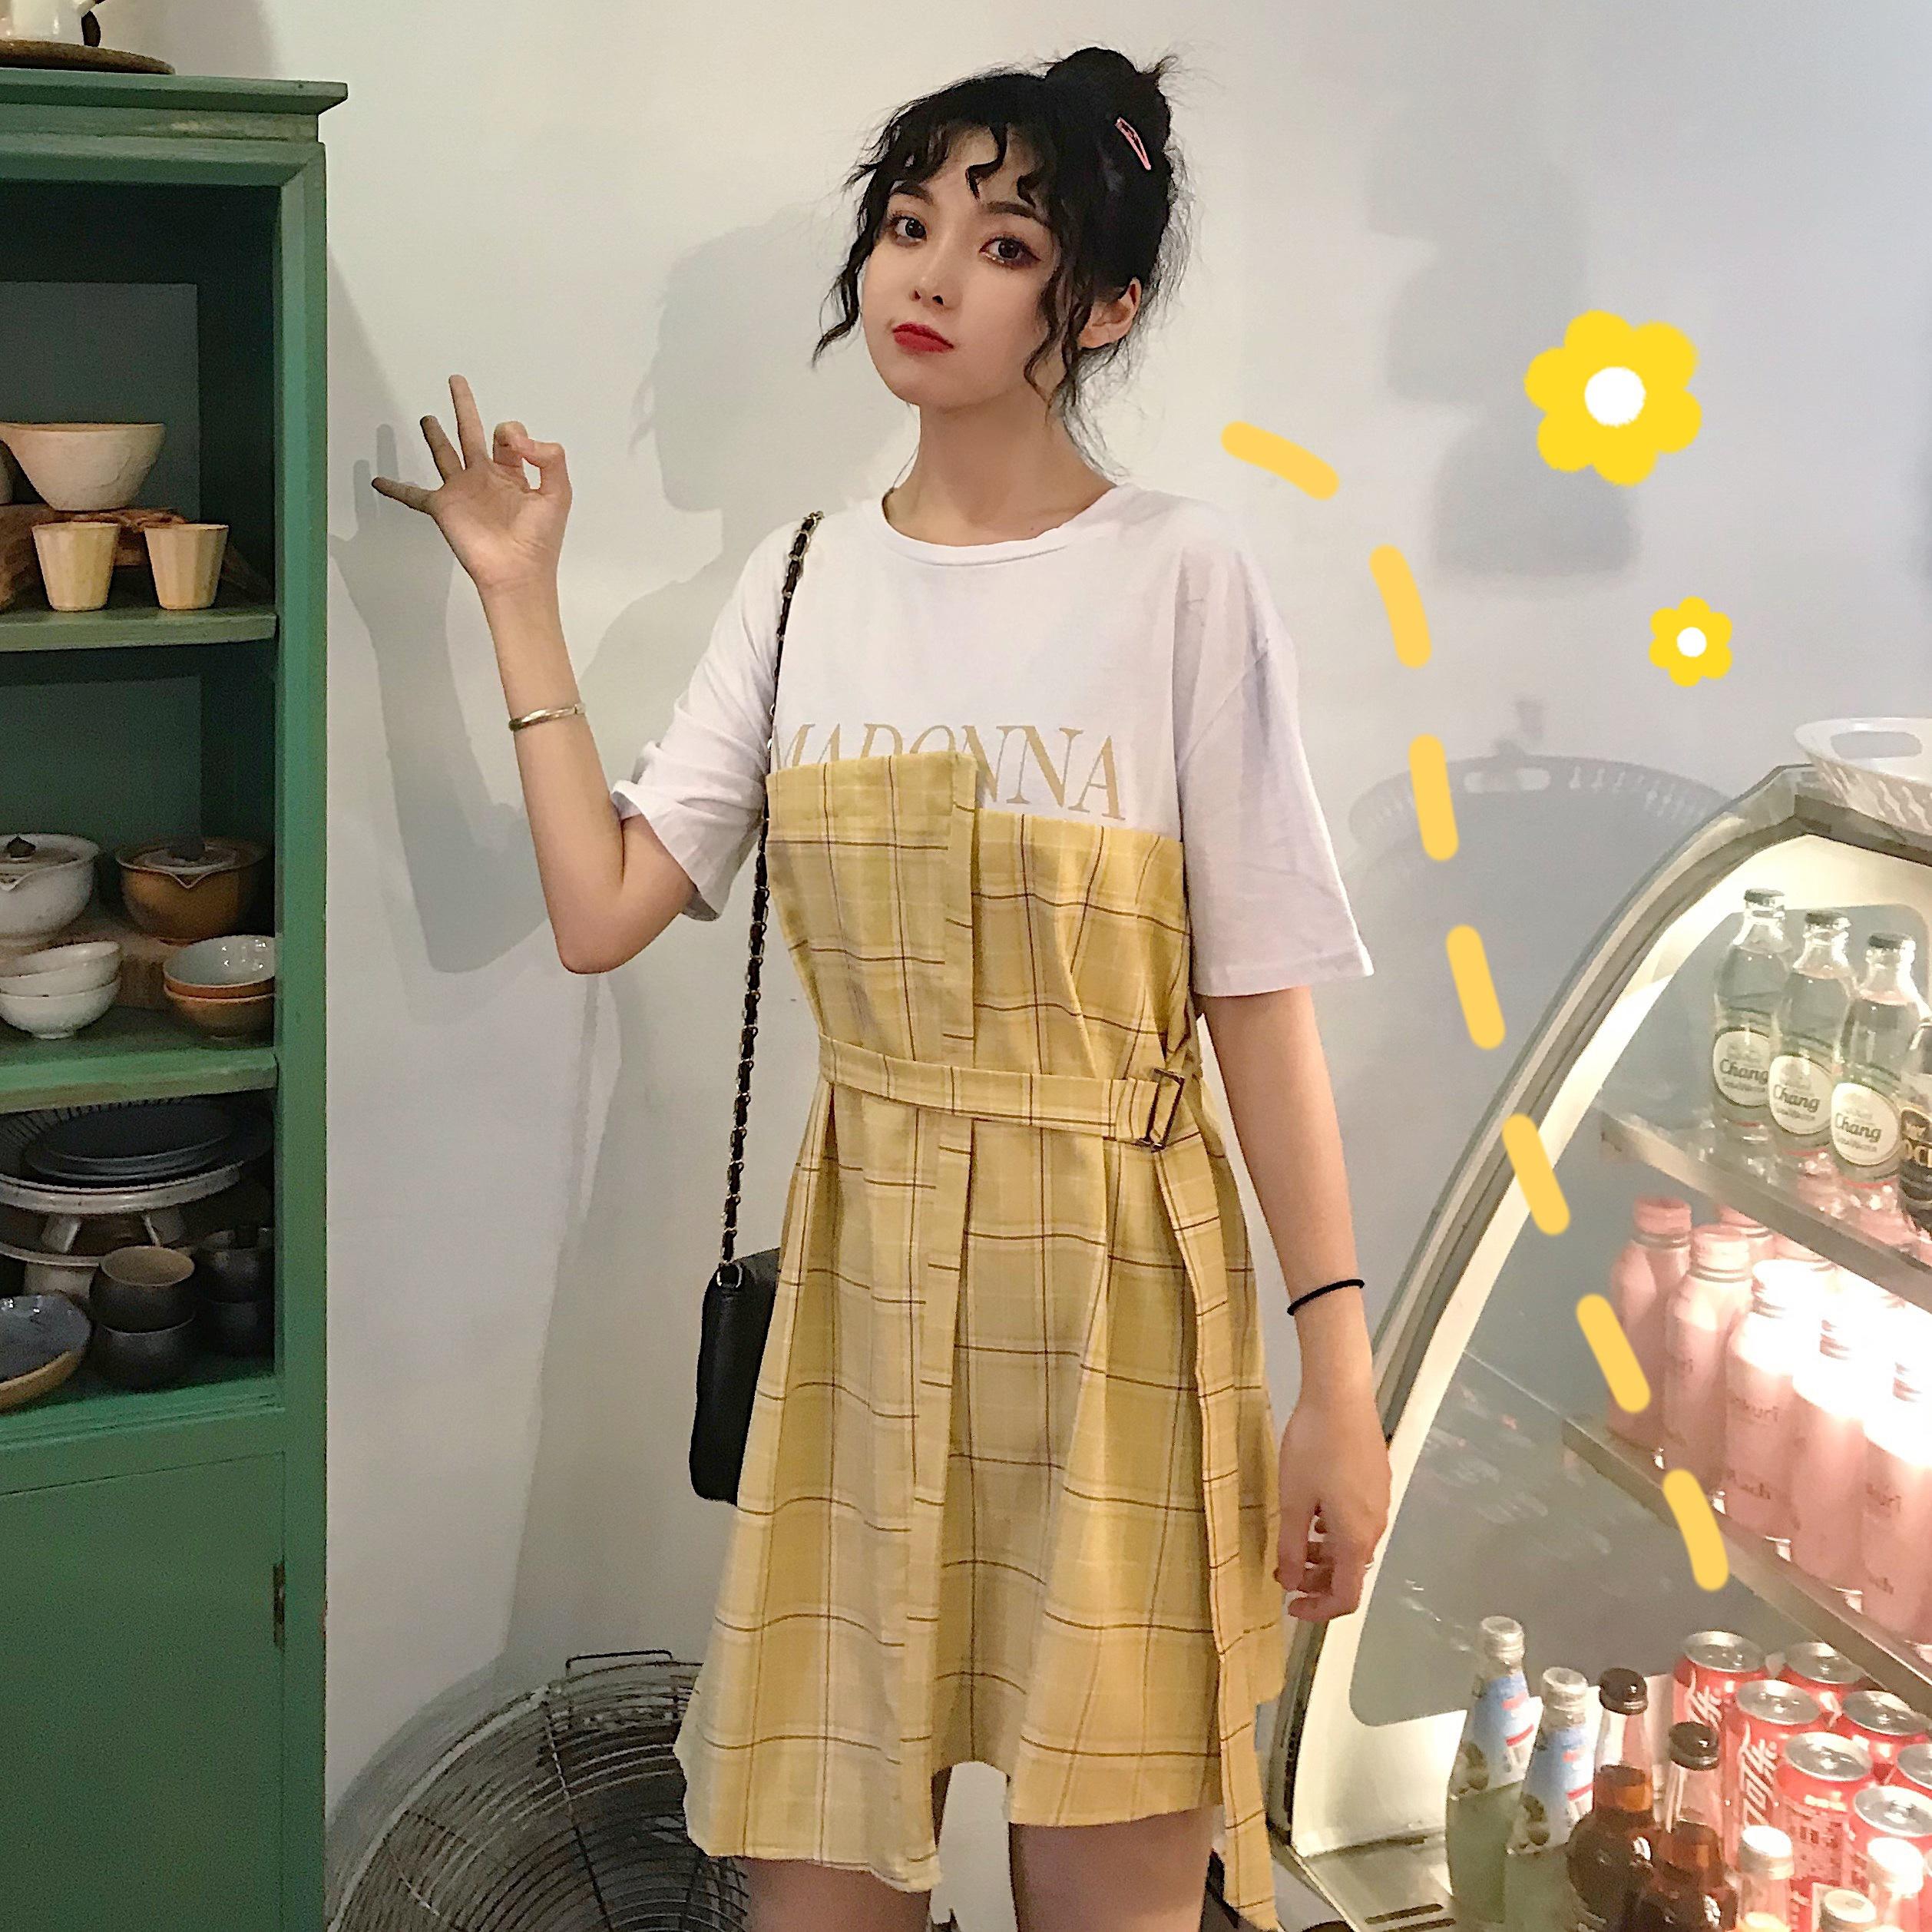 控價5 實拍實價短袖修身格子系帶拼接假兩件連衣裙女